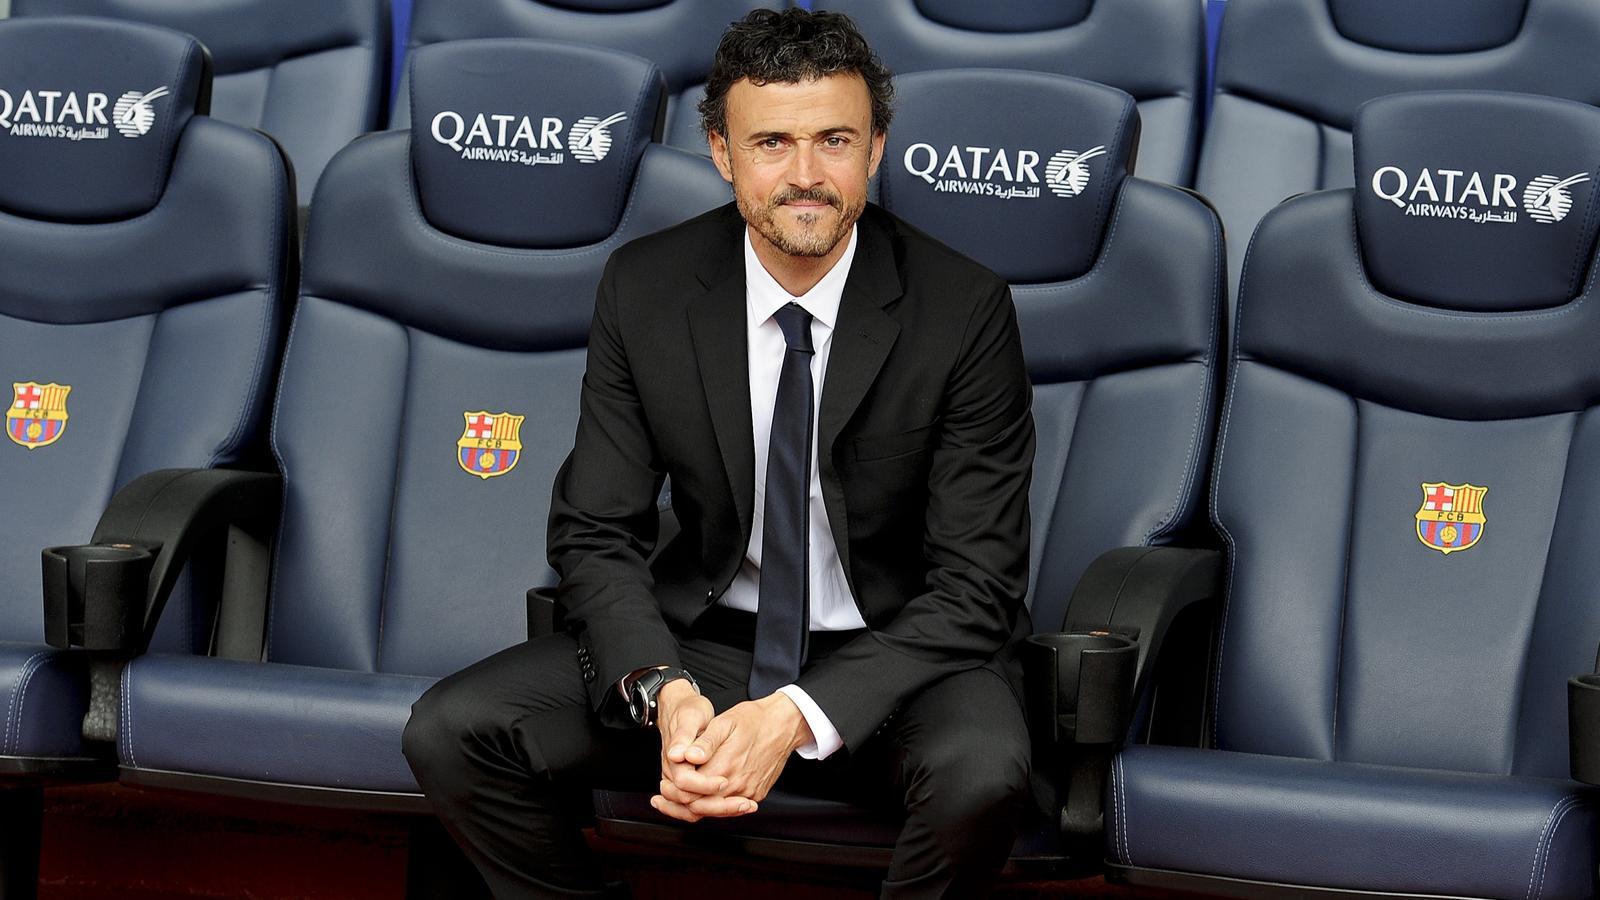 Spécial Messi et FCBarcelone (Part 2) - Page 9 1241349-26817786-1600-900